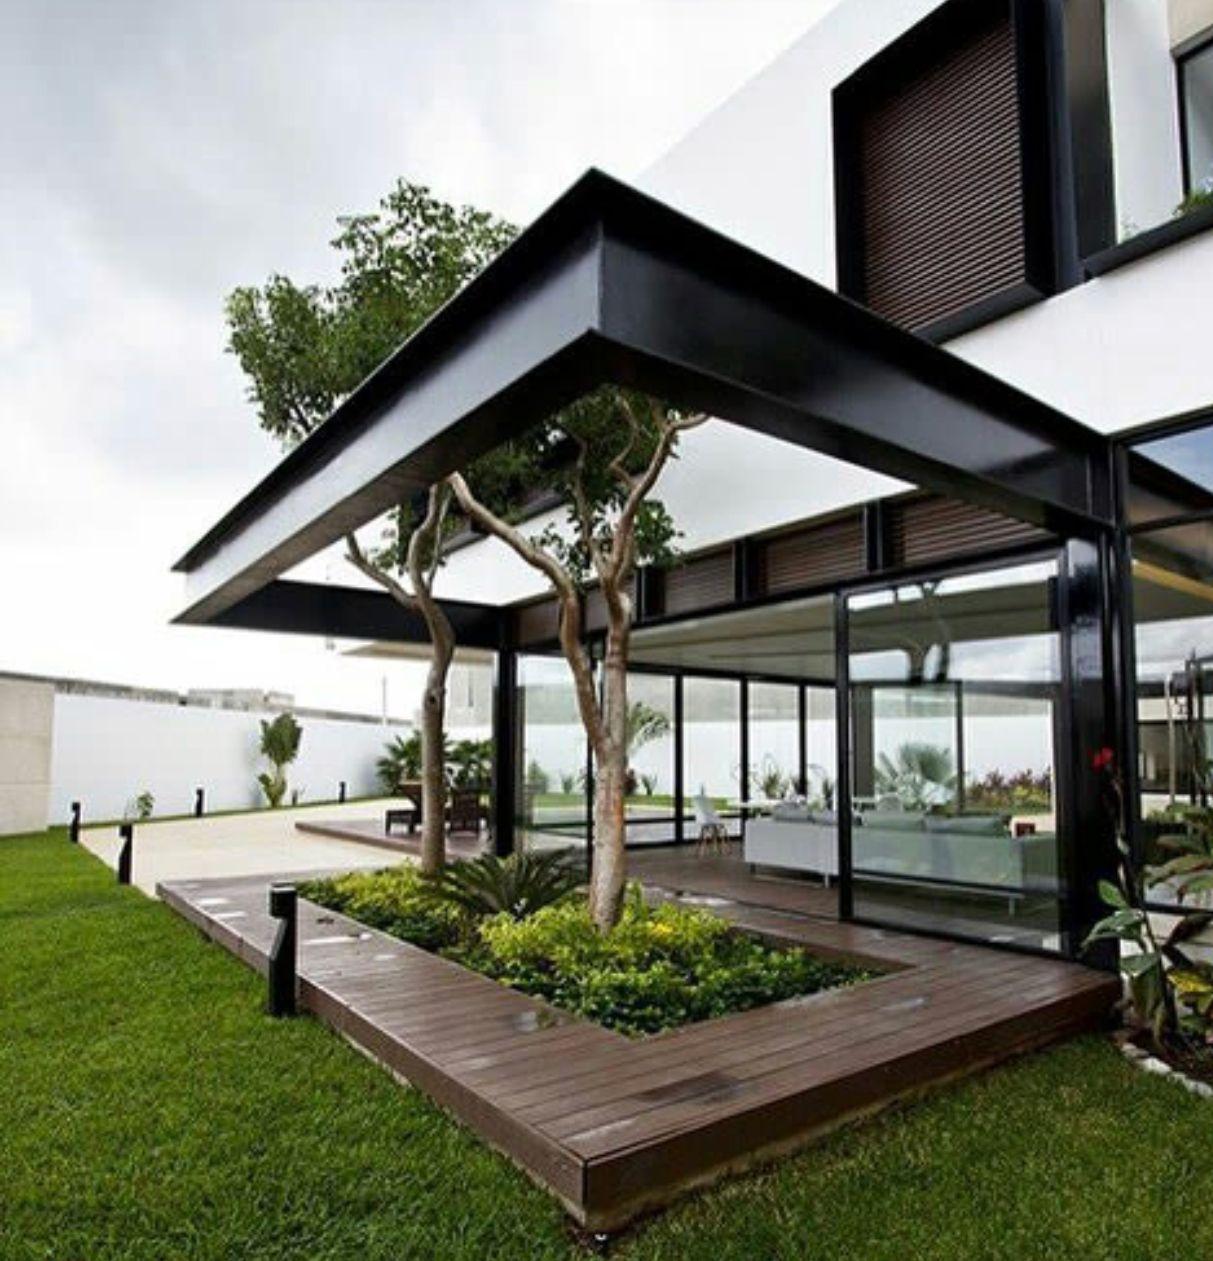 15 Top Raised Ranch Interior Design Ideas To Steal: Pin By Daniel Vasquez On Espacios Con Diseño